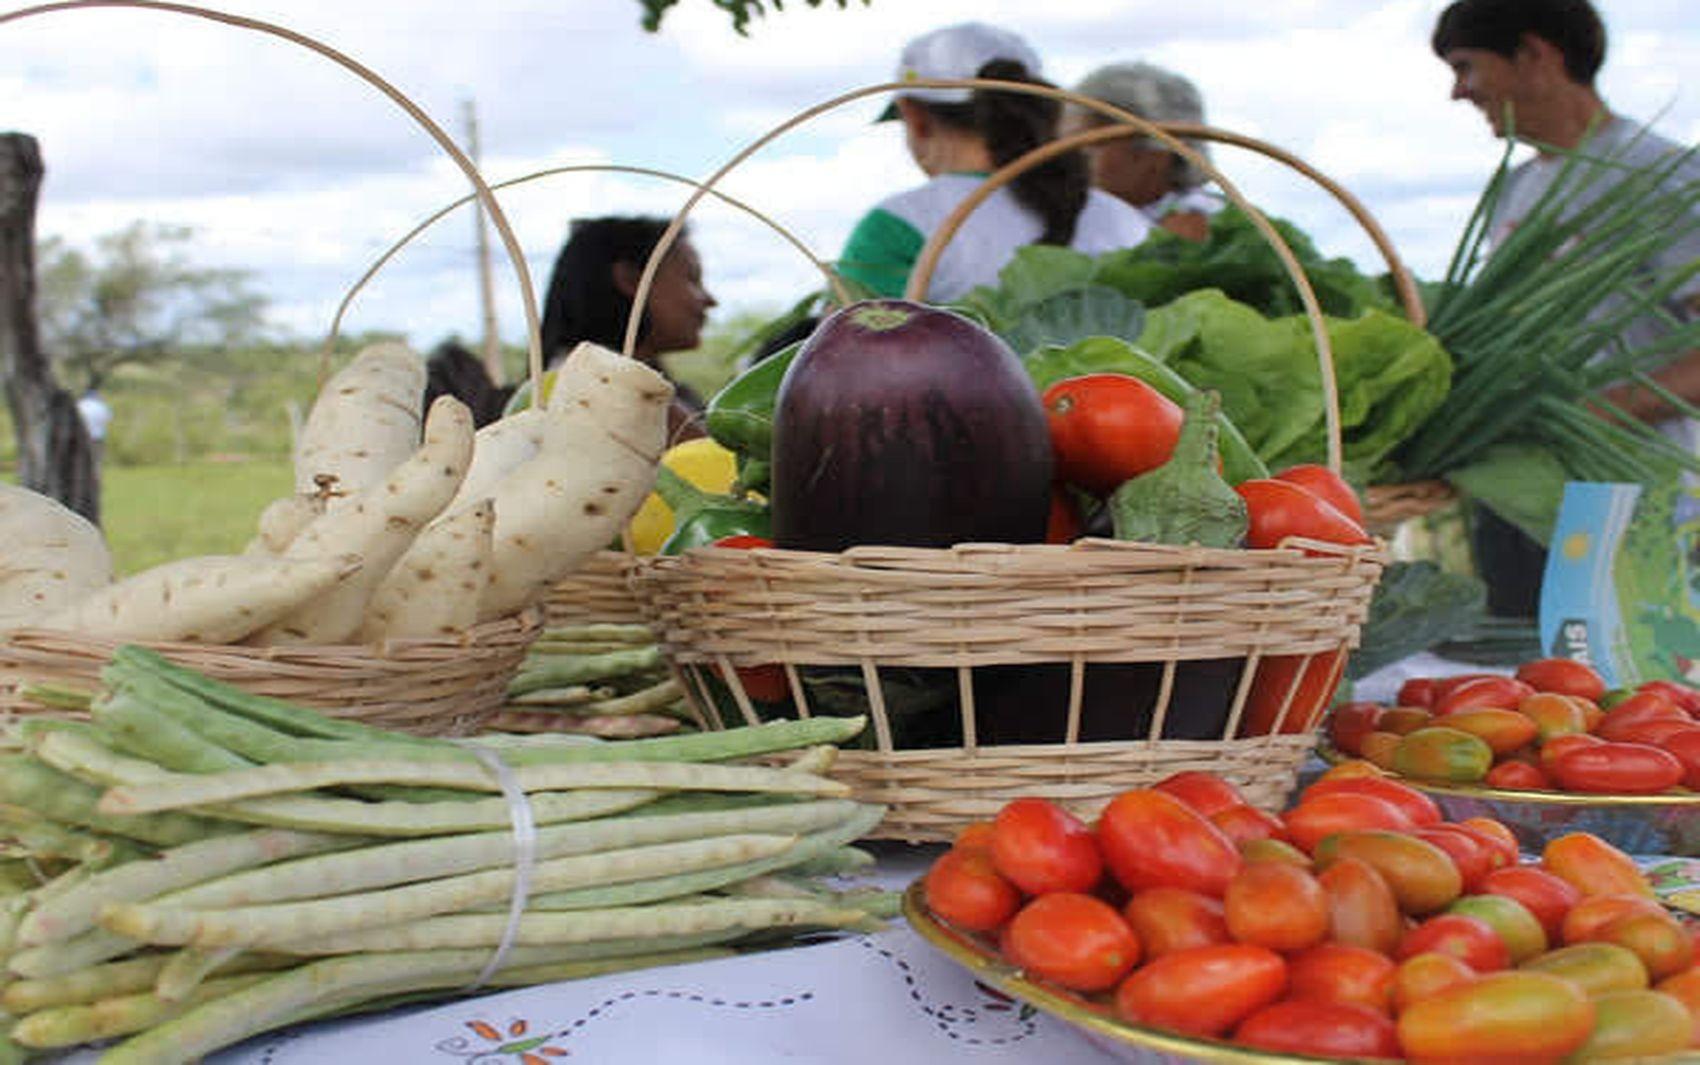 Maceió lança edital para adquirir alimentos da agricultura familiar para kits de merenda escolar